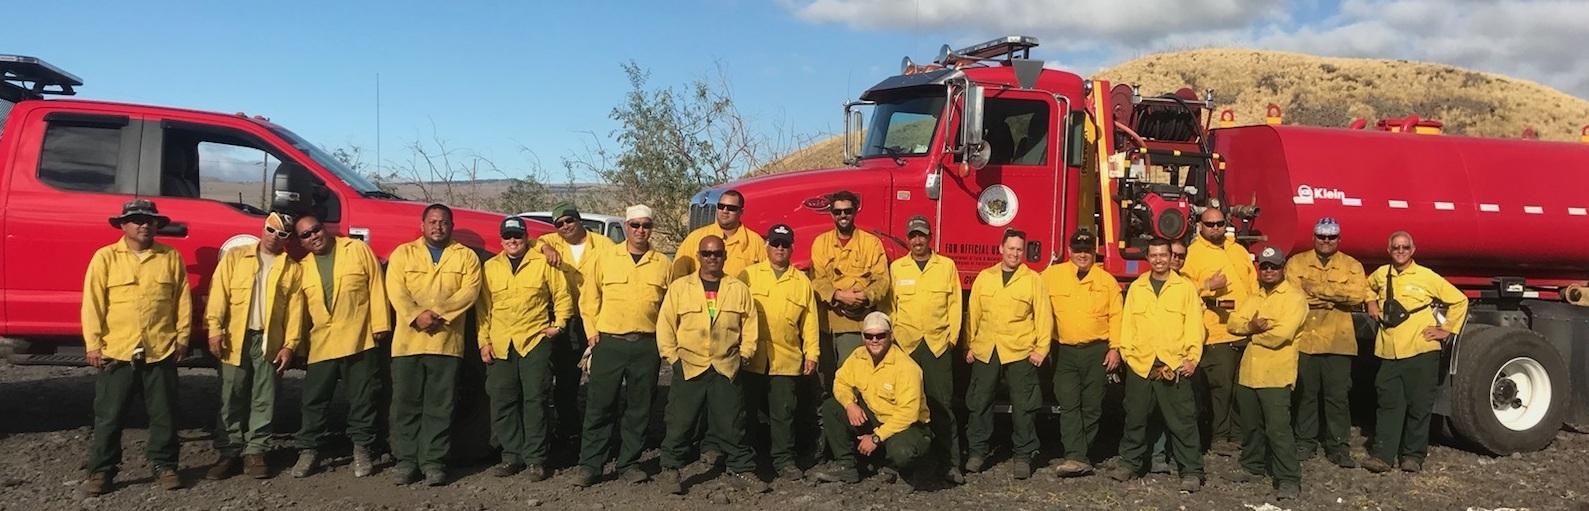 A DOFAW wildland firefighter team on Hawaiʻi Island